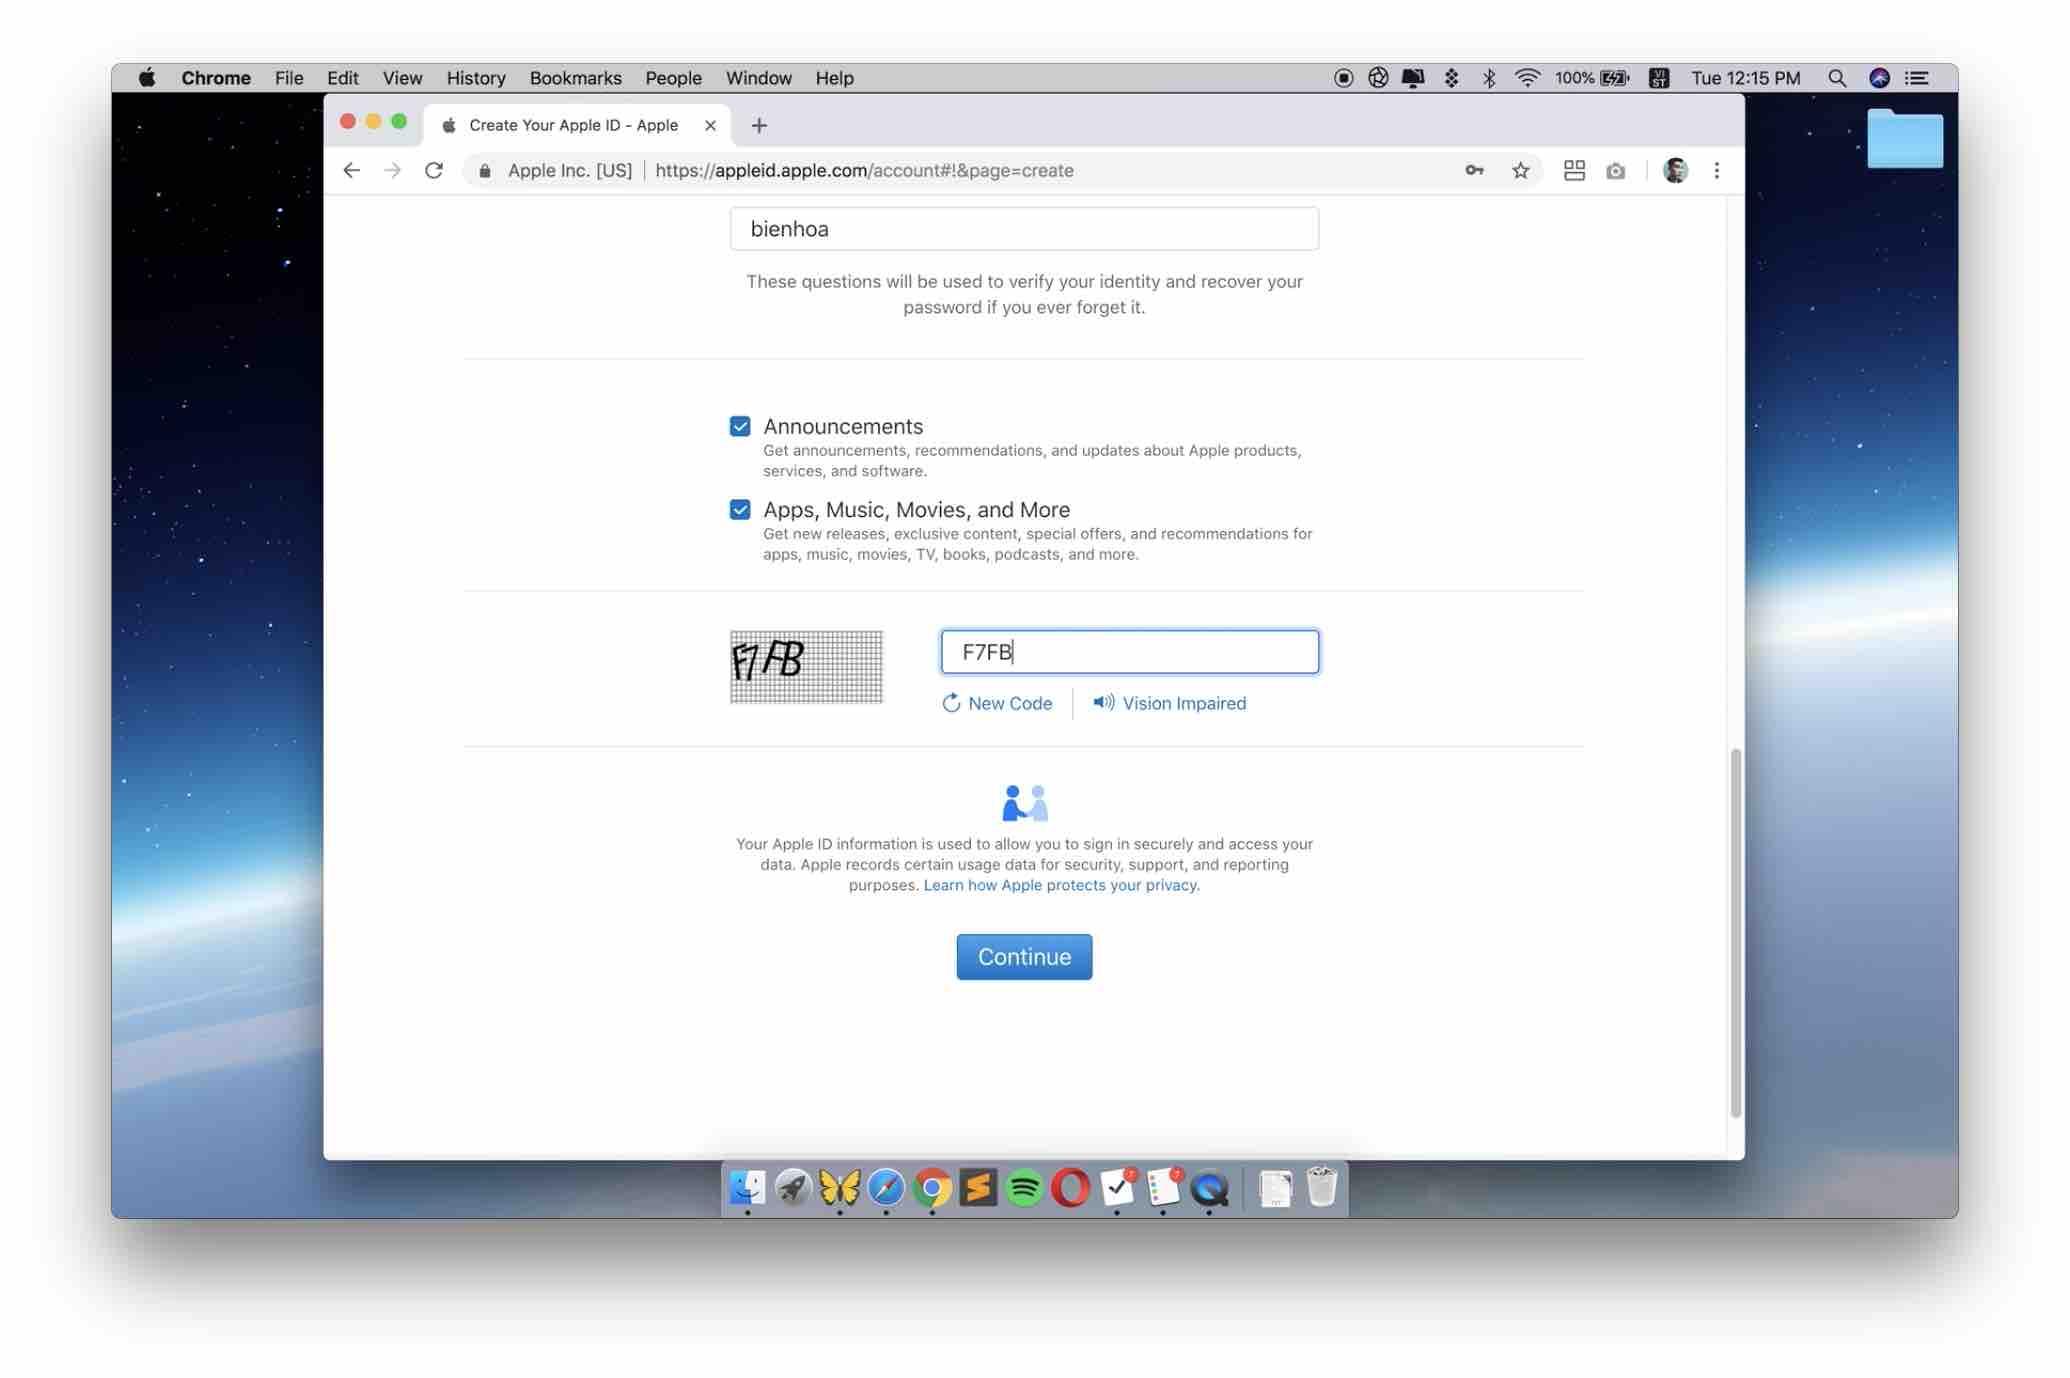 Hướng dẫn tạo tài khoản iCloud từ web trên máy tính